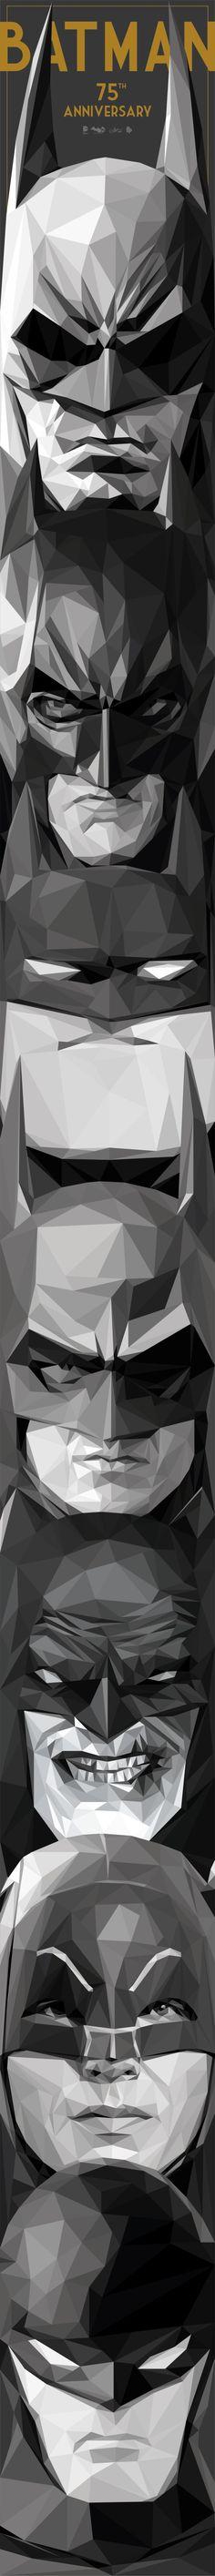 배트맨 75주년 헌정하는 배트맨 관련 일러스트.. : 네이버블로그